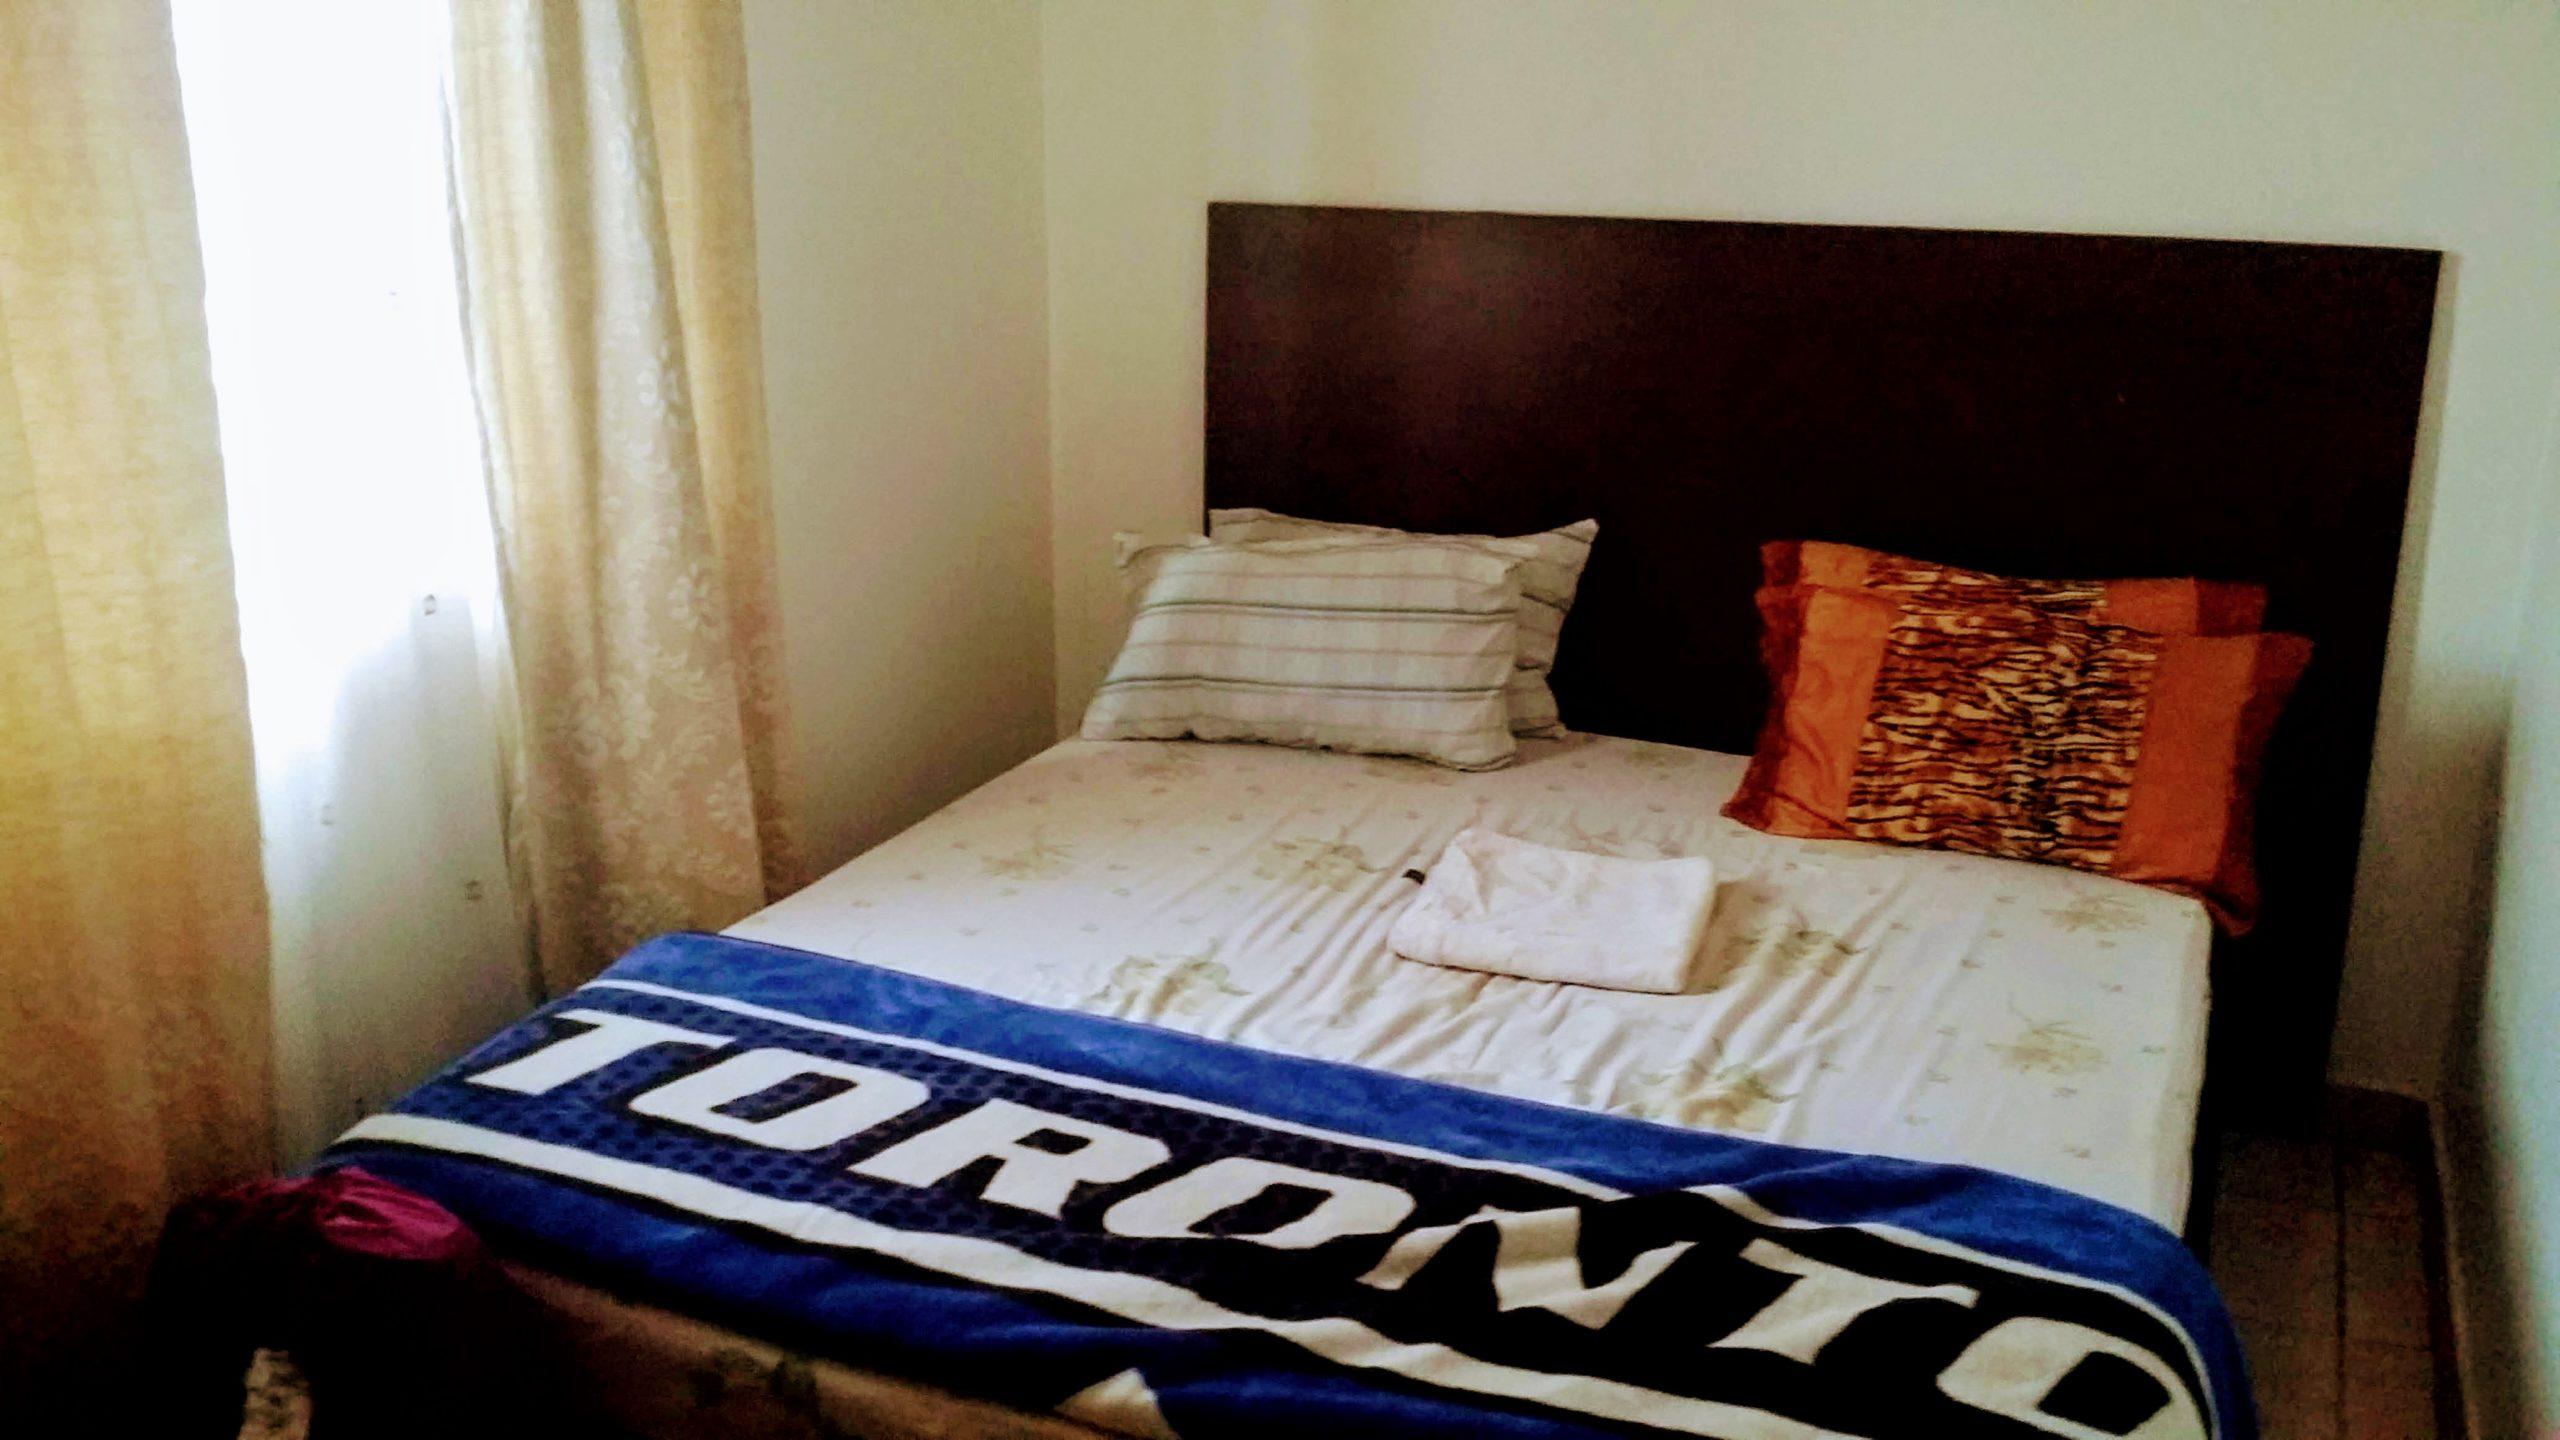 ウガンダのホテルの様子